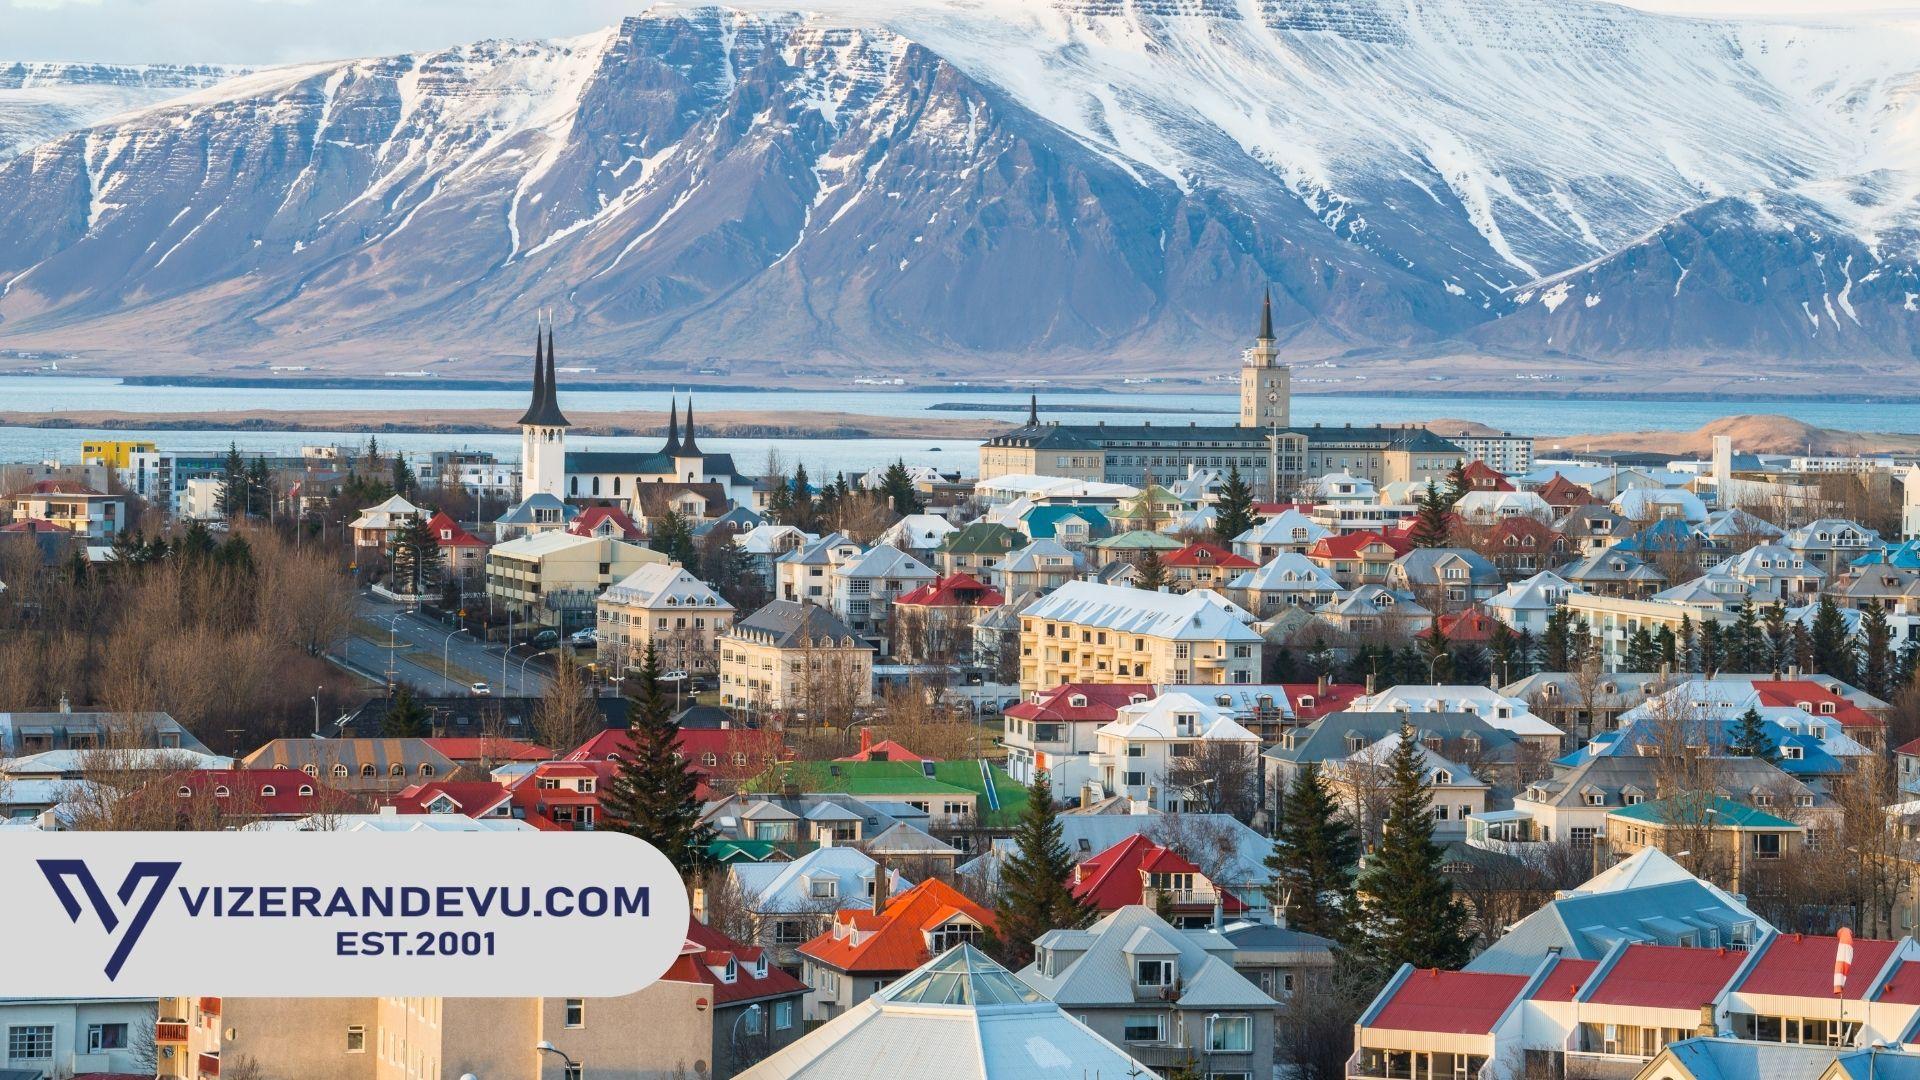 İzlanda Form - Dilekçe 2021